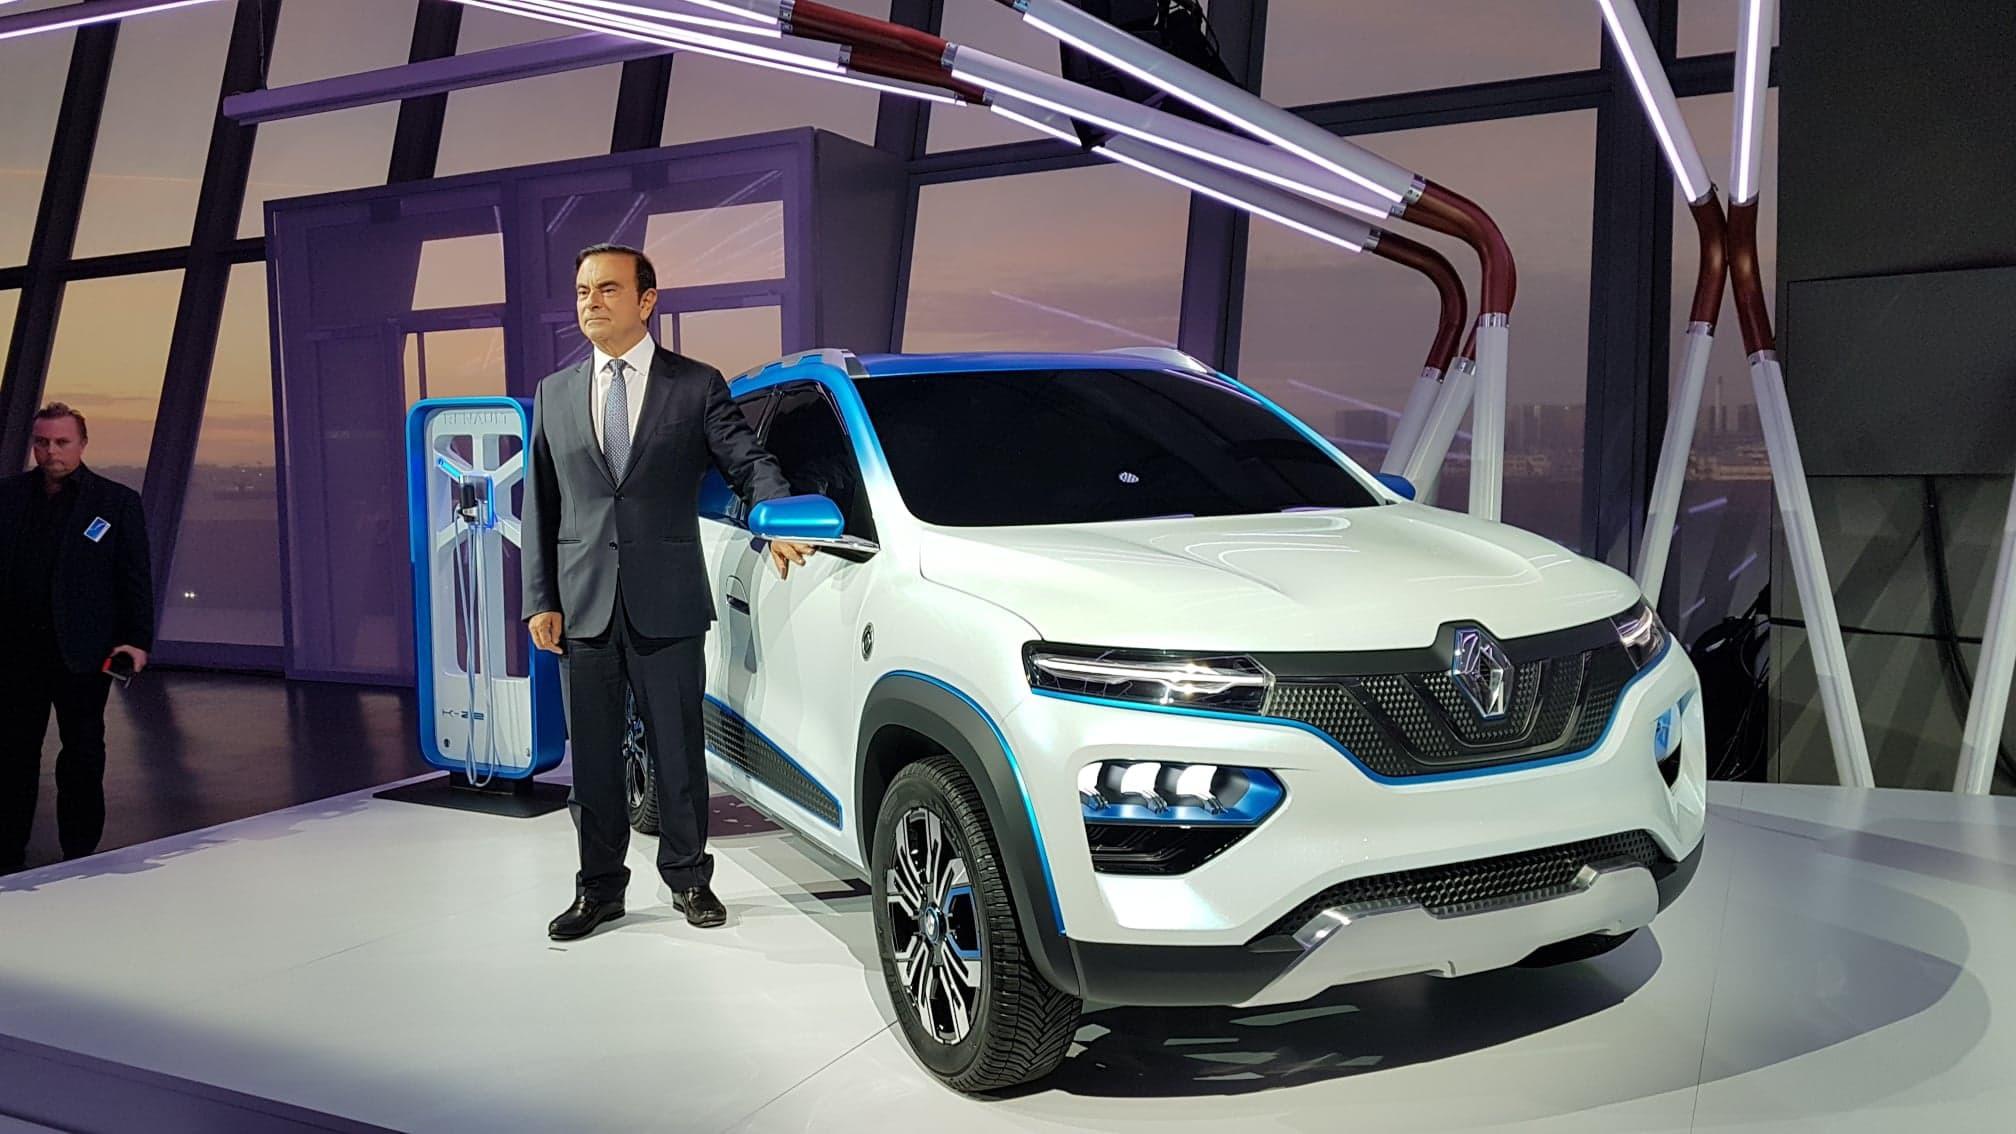 Am putea vedea o maşină electrică Dacia? Răspunsul acordat pentru ZF de către Carlos Ghosn, puternicul şef al Renault Group